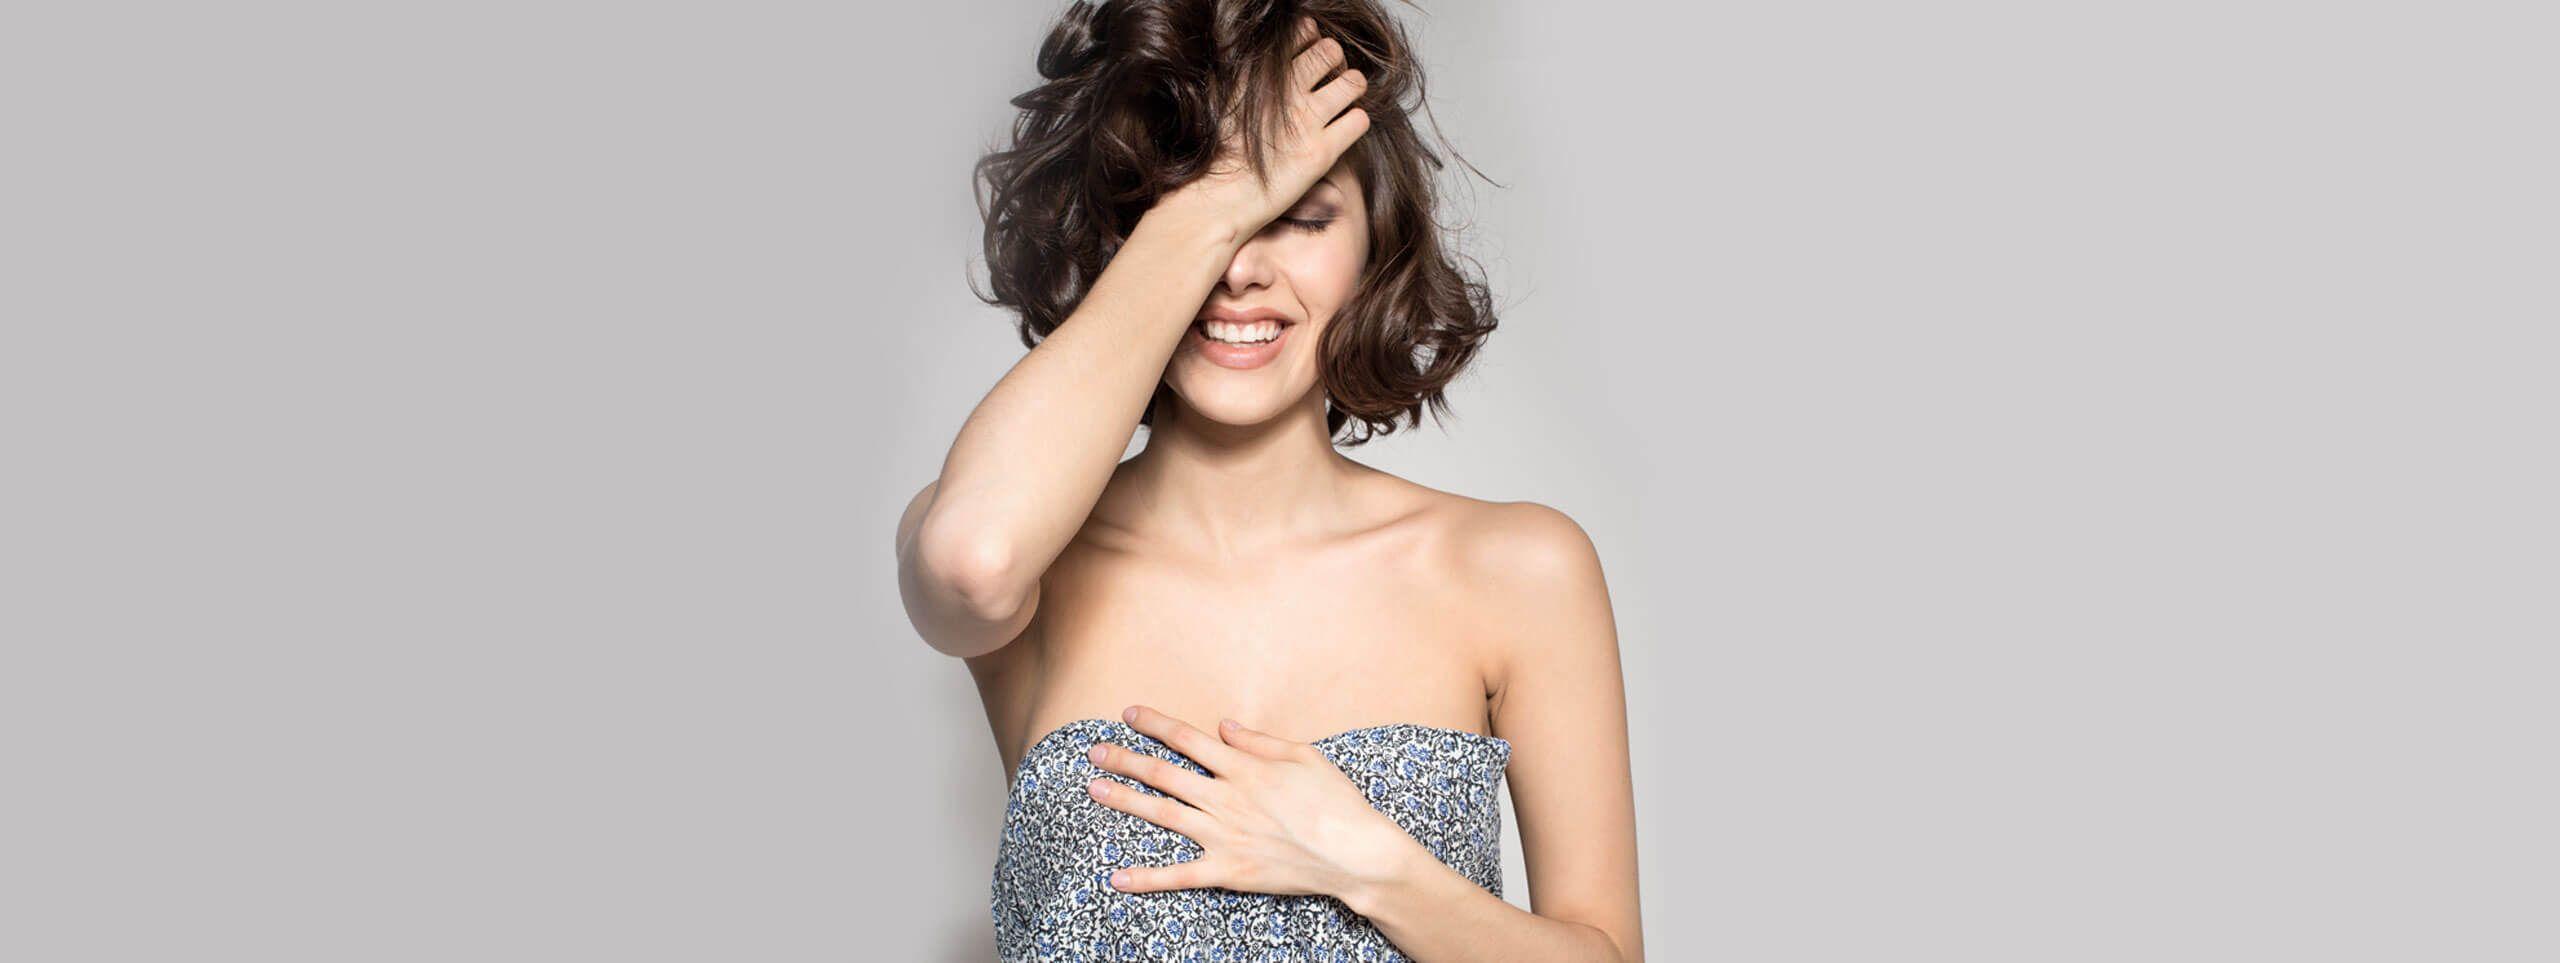 Kobieta trzymająca włosy obcięte na boba